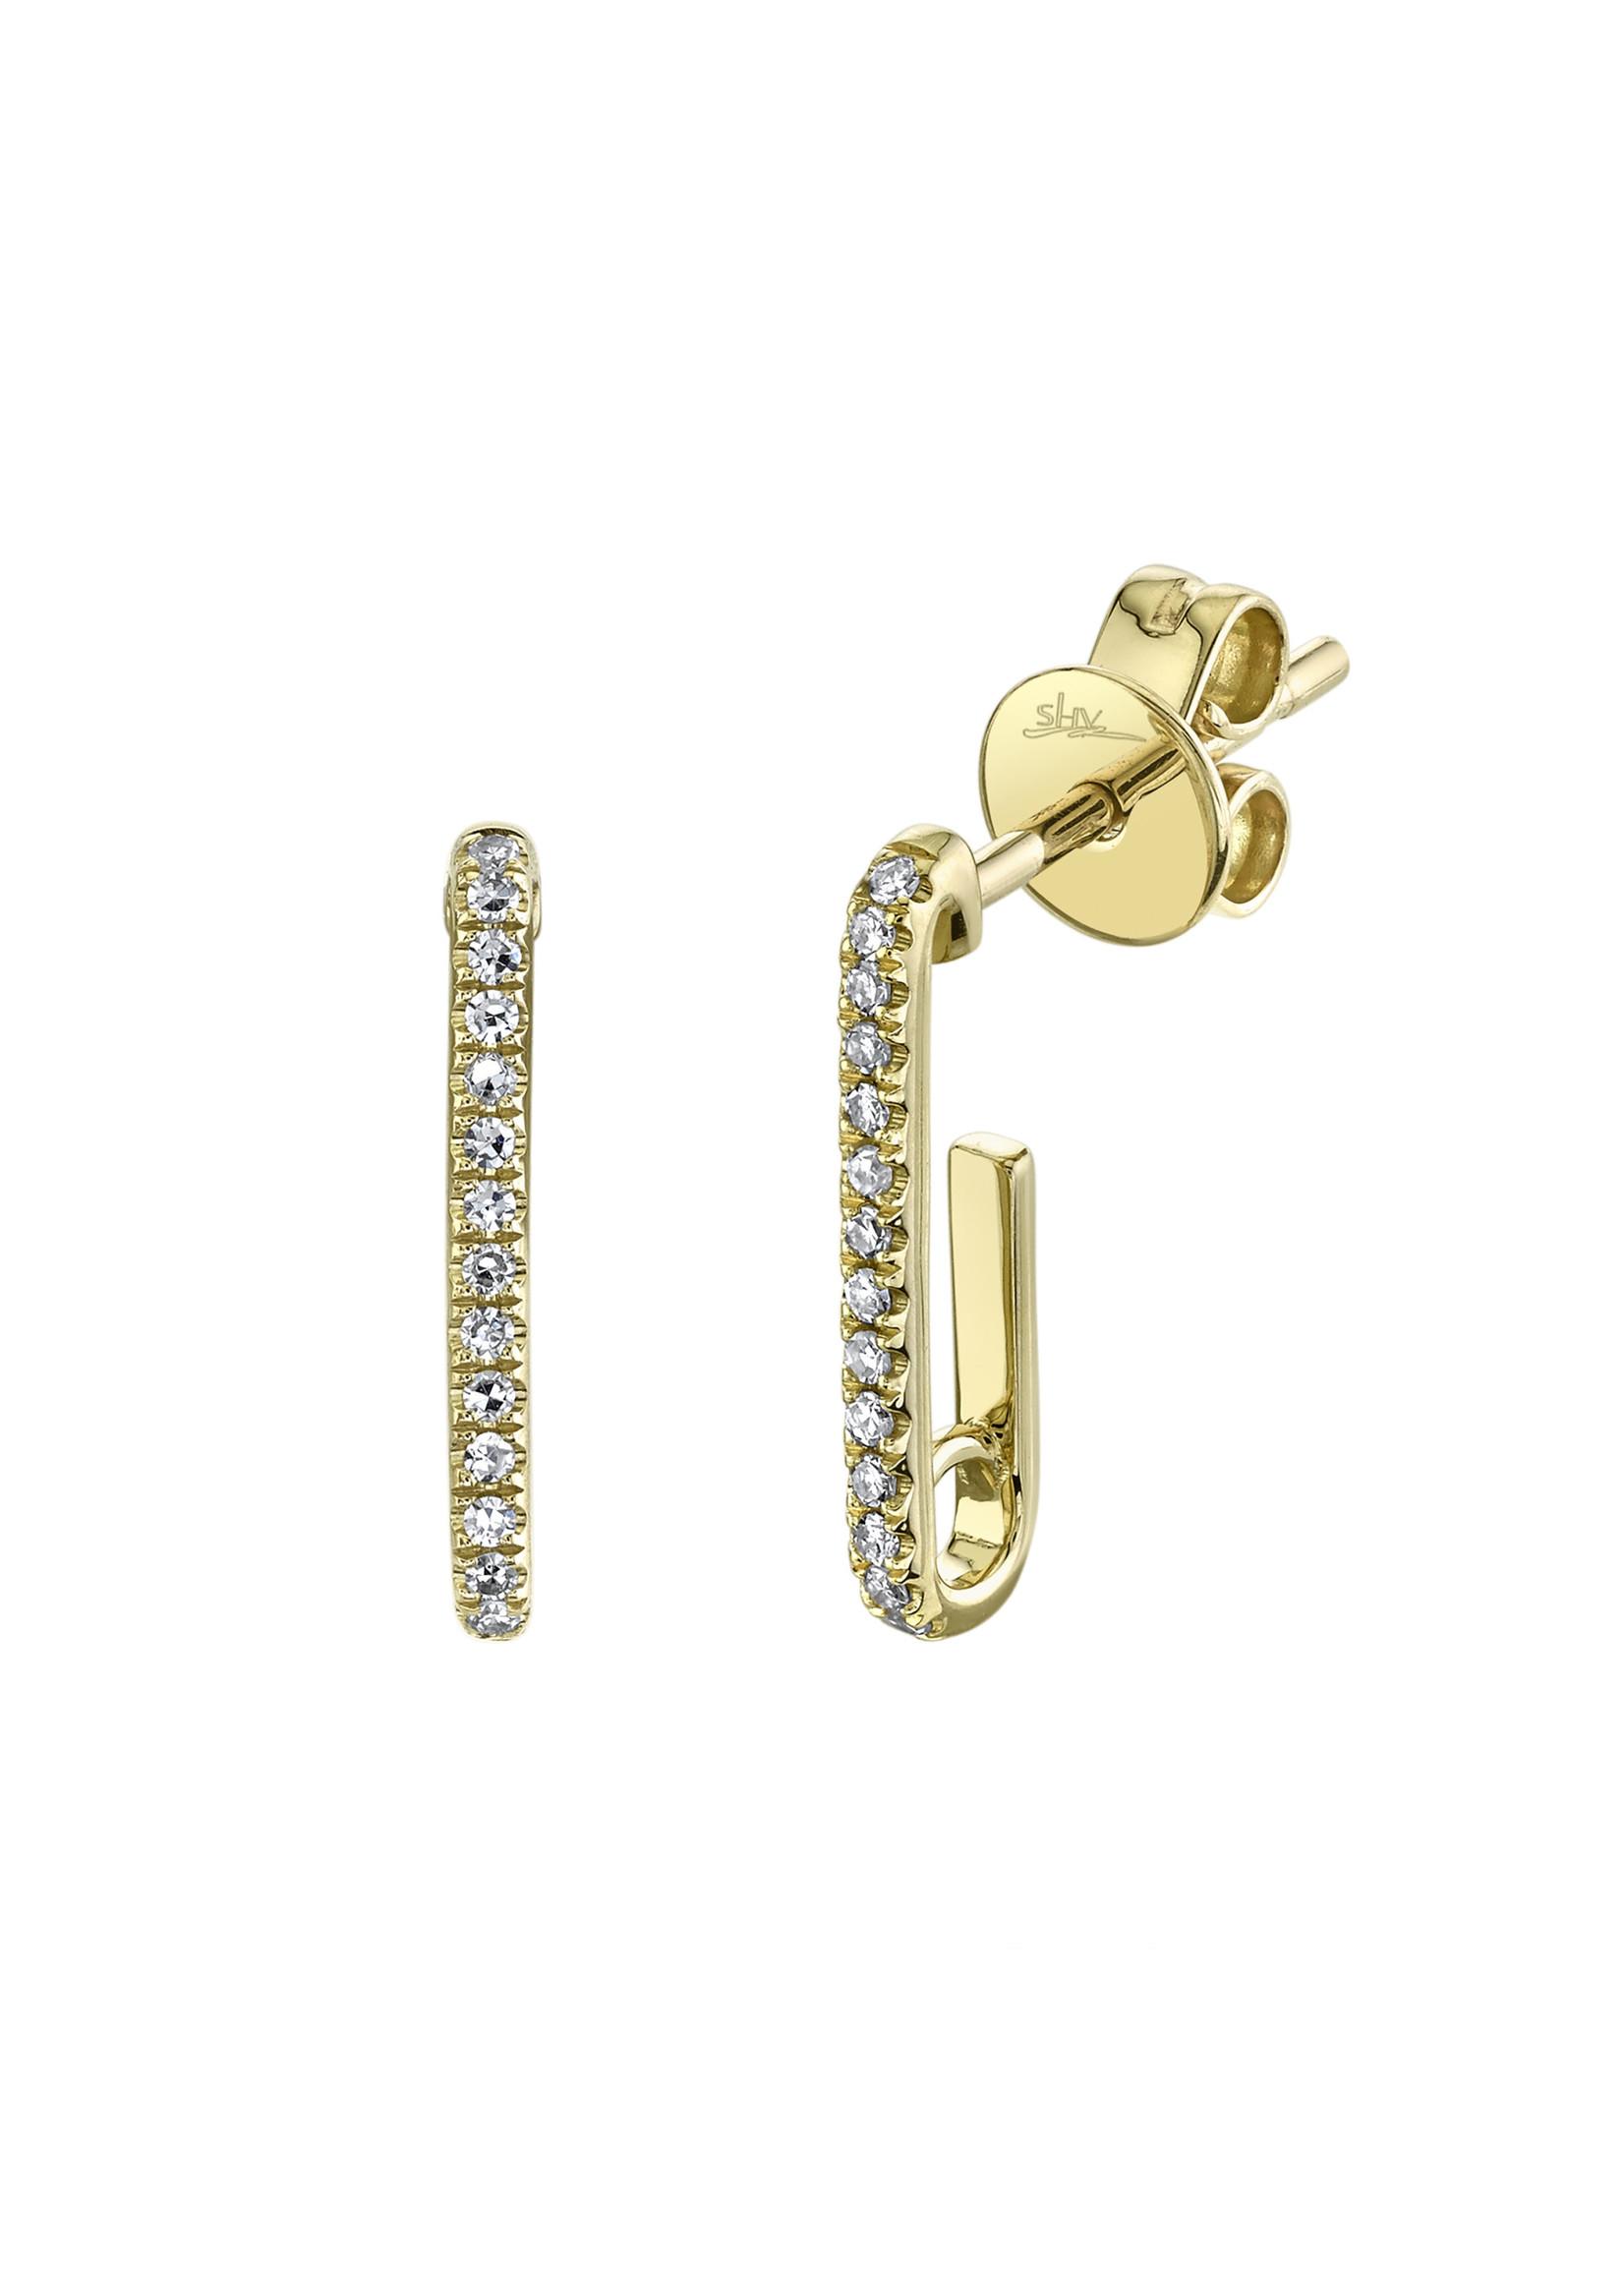 Jill Alberts Diamond J Hoop Earrings